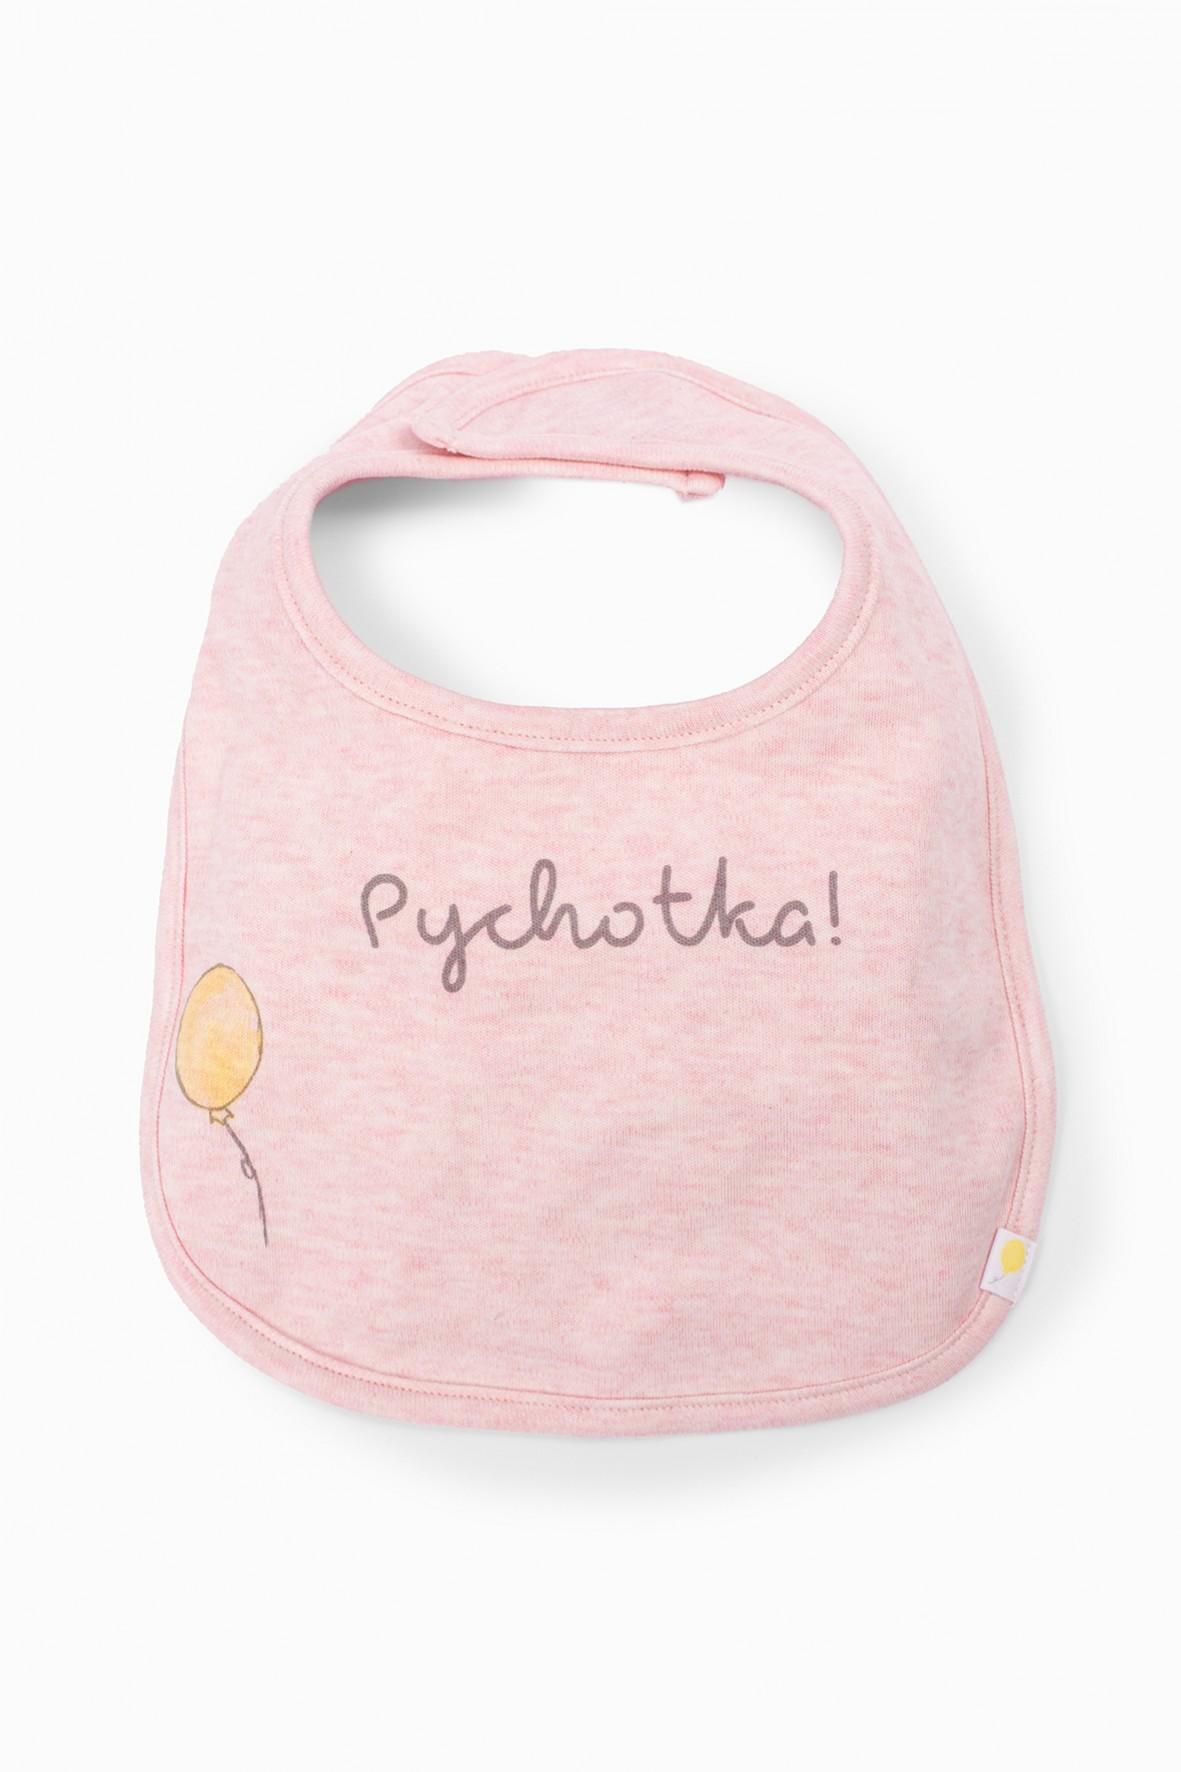 Śliniak niemowlęcy z napisem Pychotka - różowy